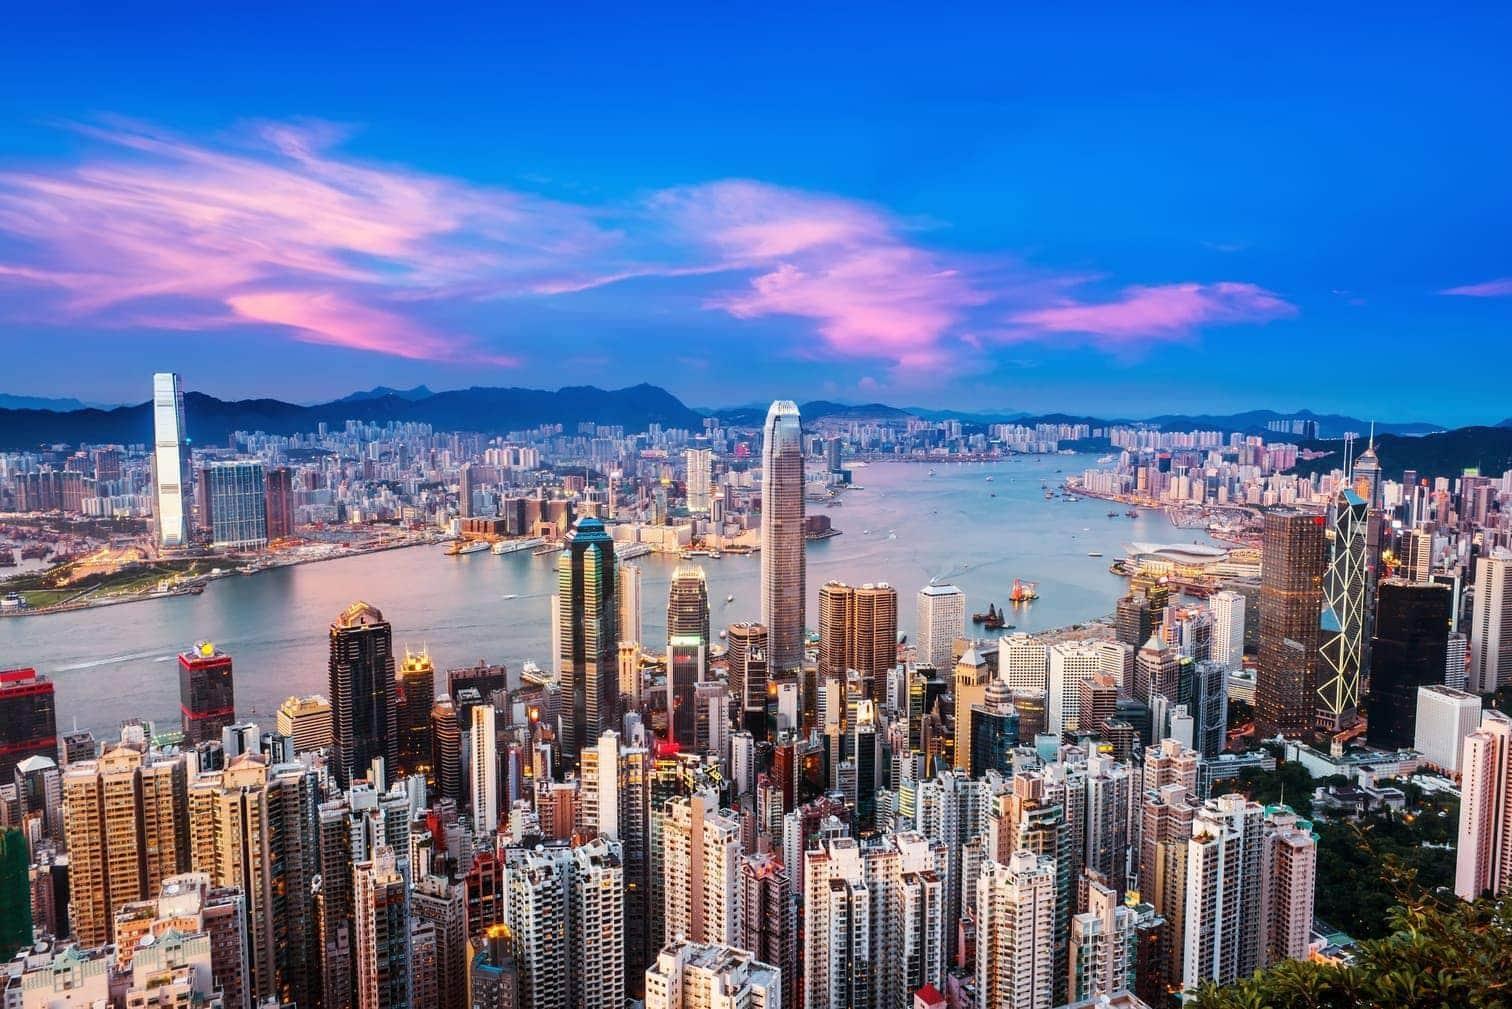 Foto: Shutterstock/zhu difeng